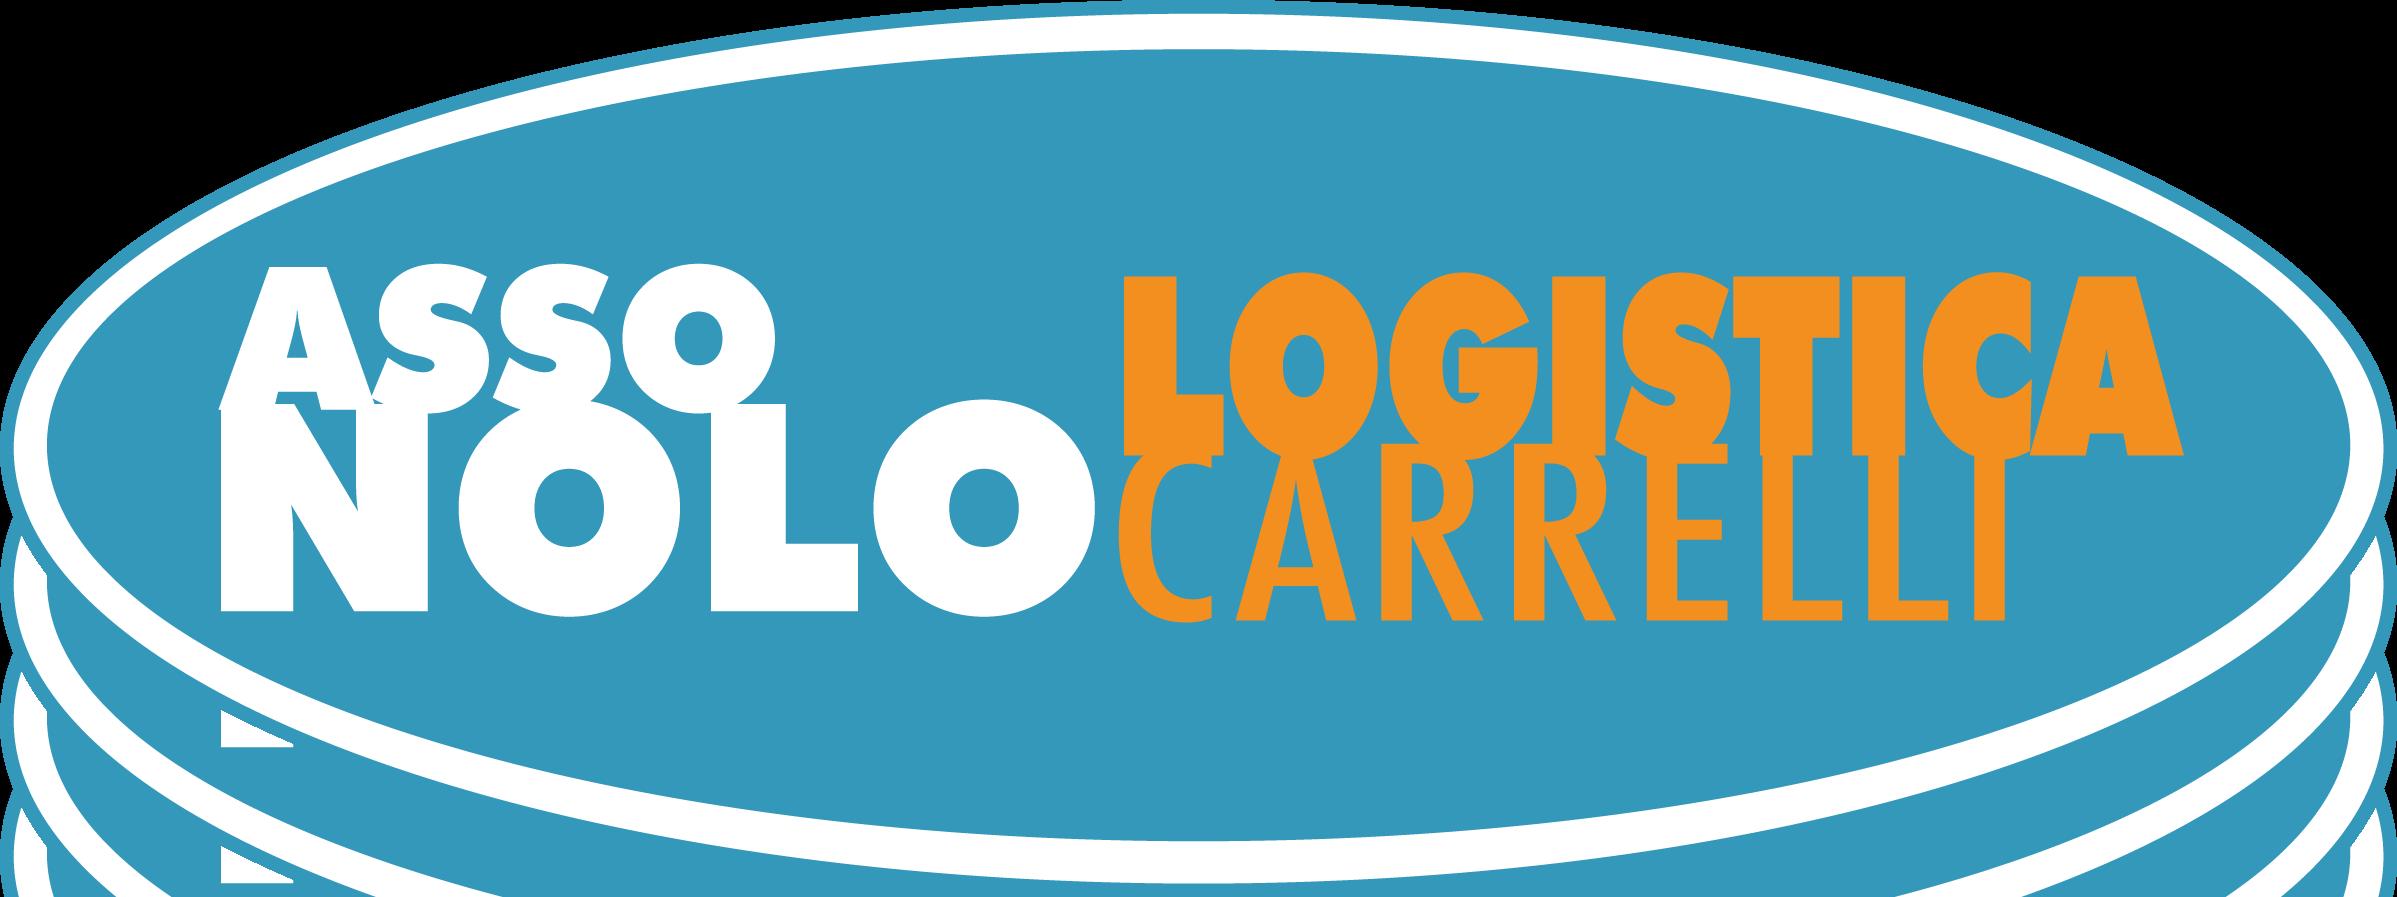 Scopri dove noleggiare Carrelli e macchine per la Logistica. Assodimi garantisce professionalità e rispetto dei corretti processi di noleggio.